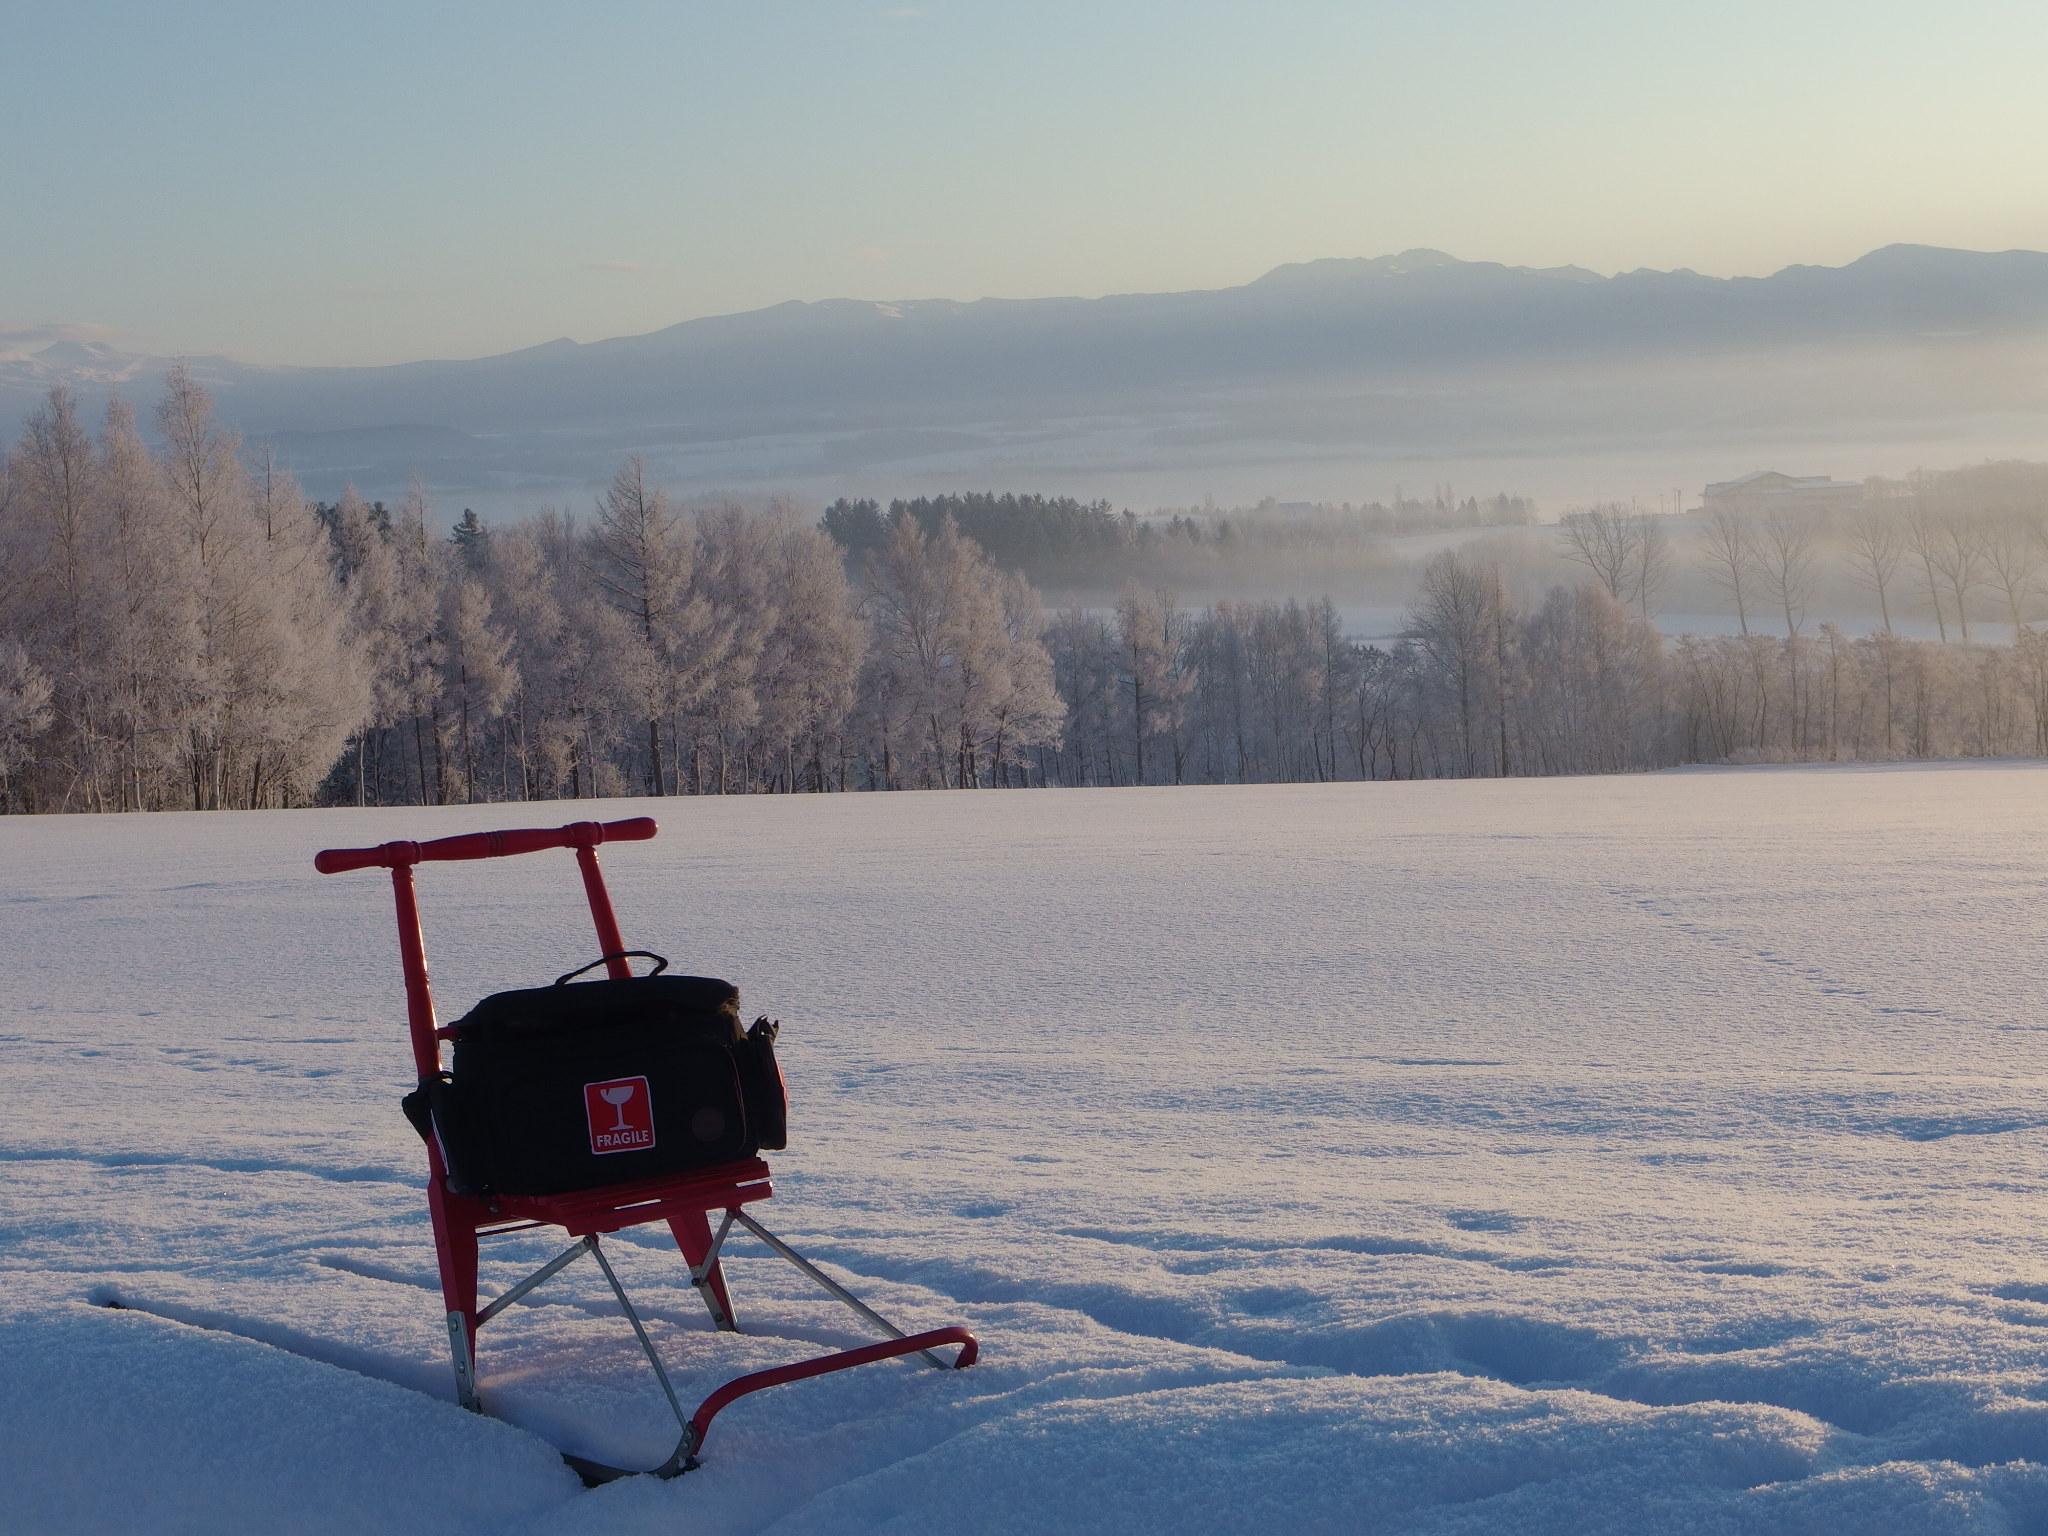 雪かきをする朝も少ないので、そりに乗って散歩に出ました。